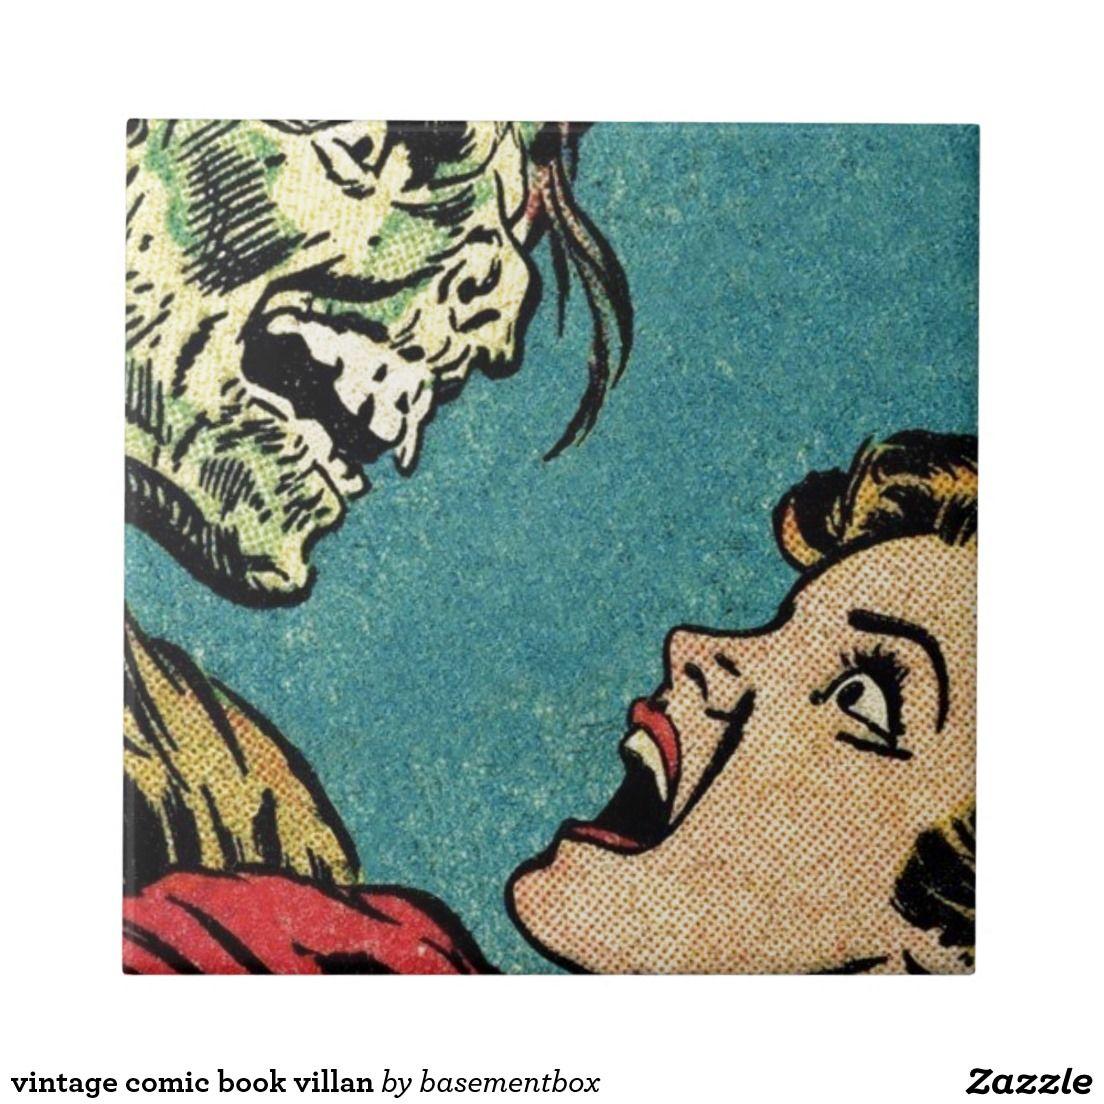 Vintage Comic Book Villan Tile Creepy